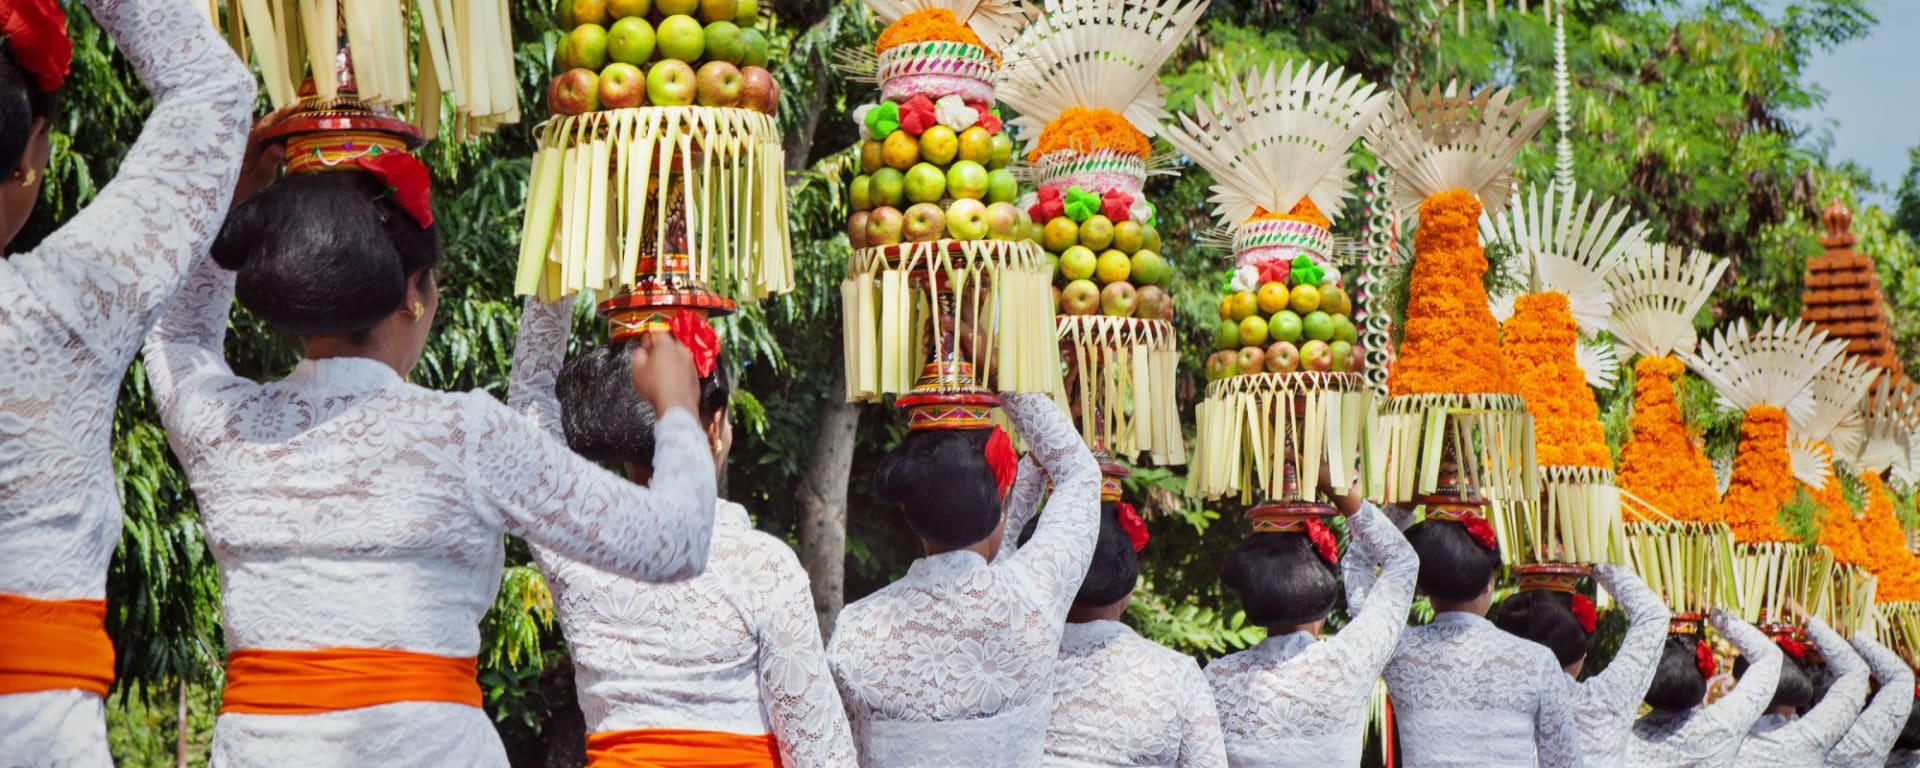 Java-Bali pour les fins connaisseurs de Yogyakarta: Bali Procession